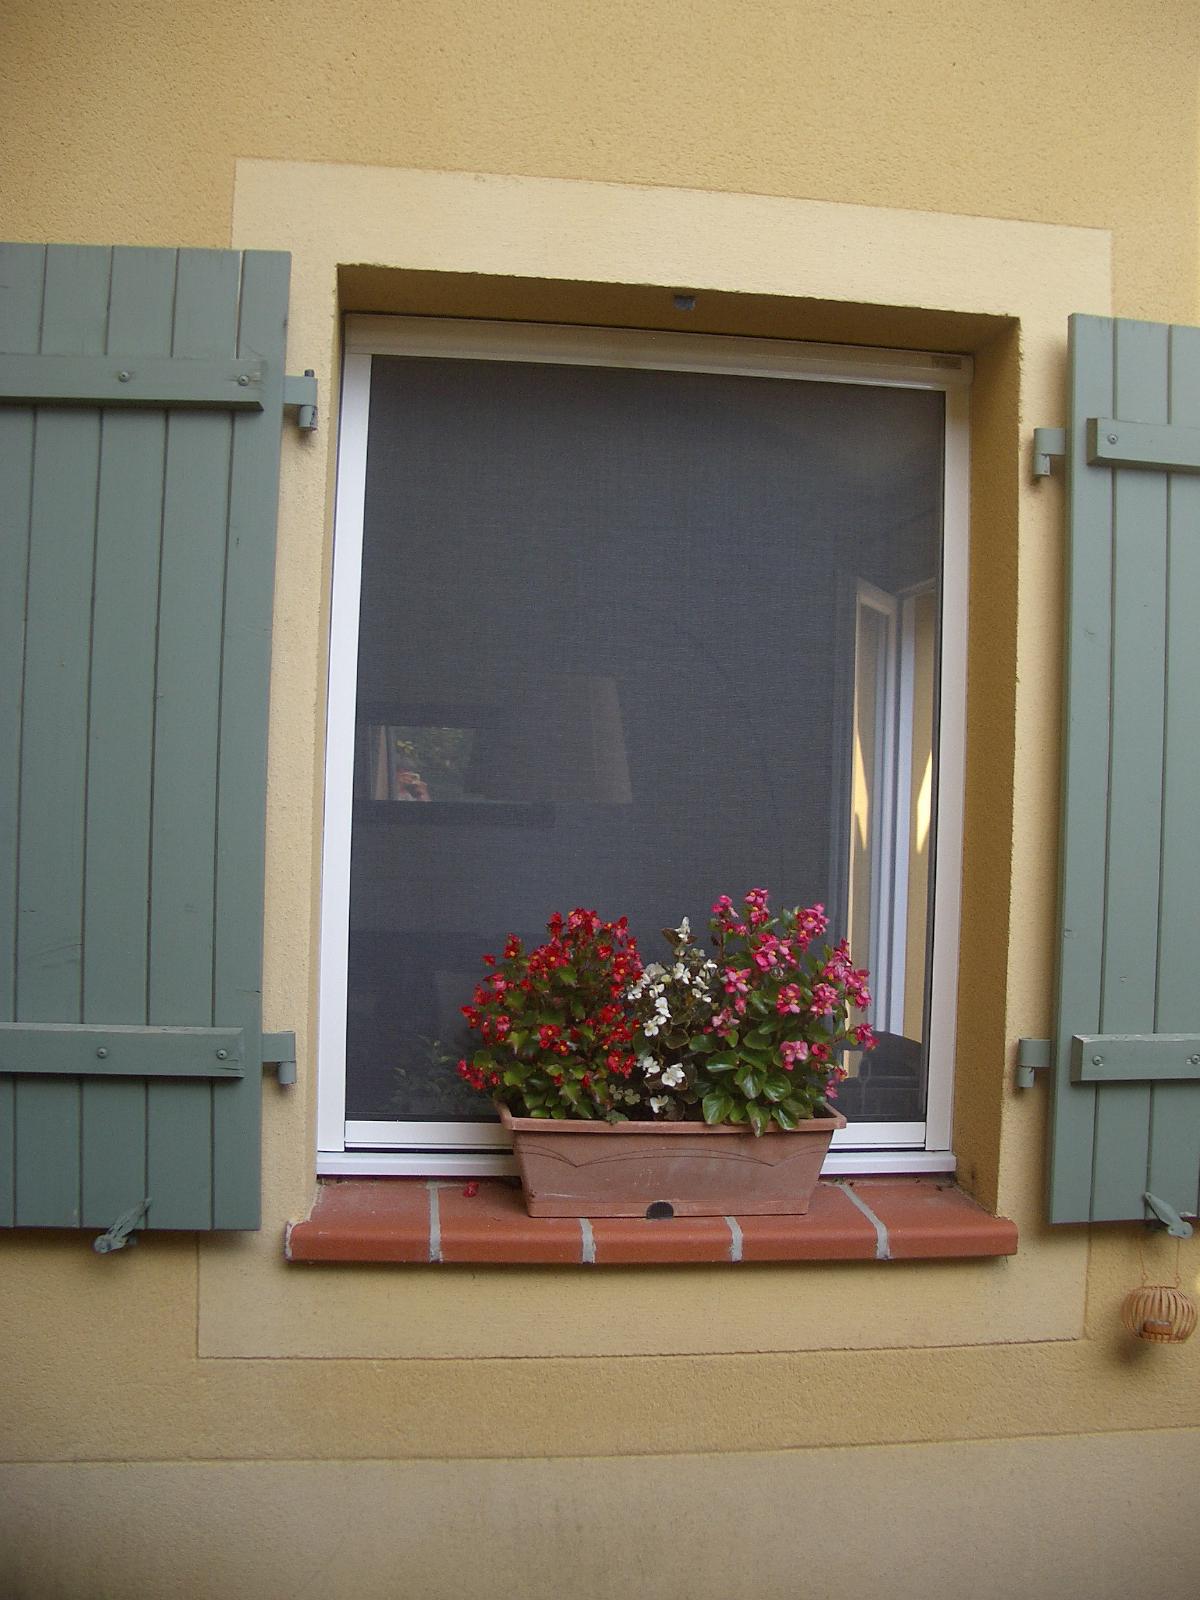 installer une moustiquaire sur les fenêtres